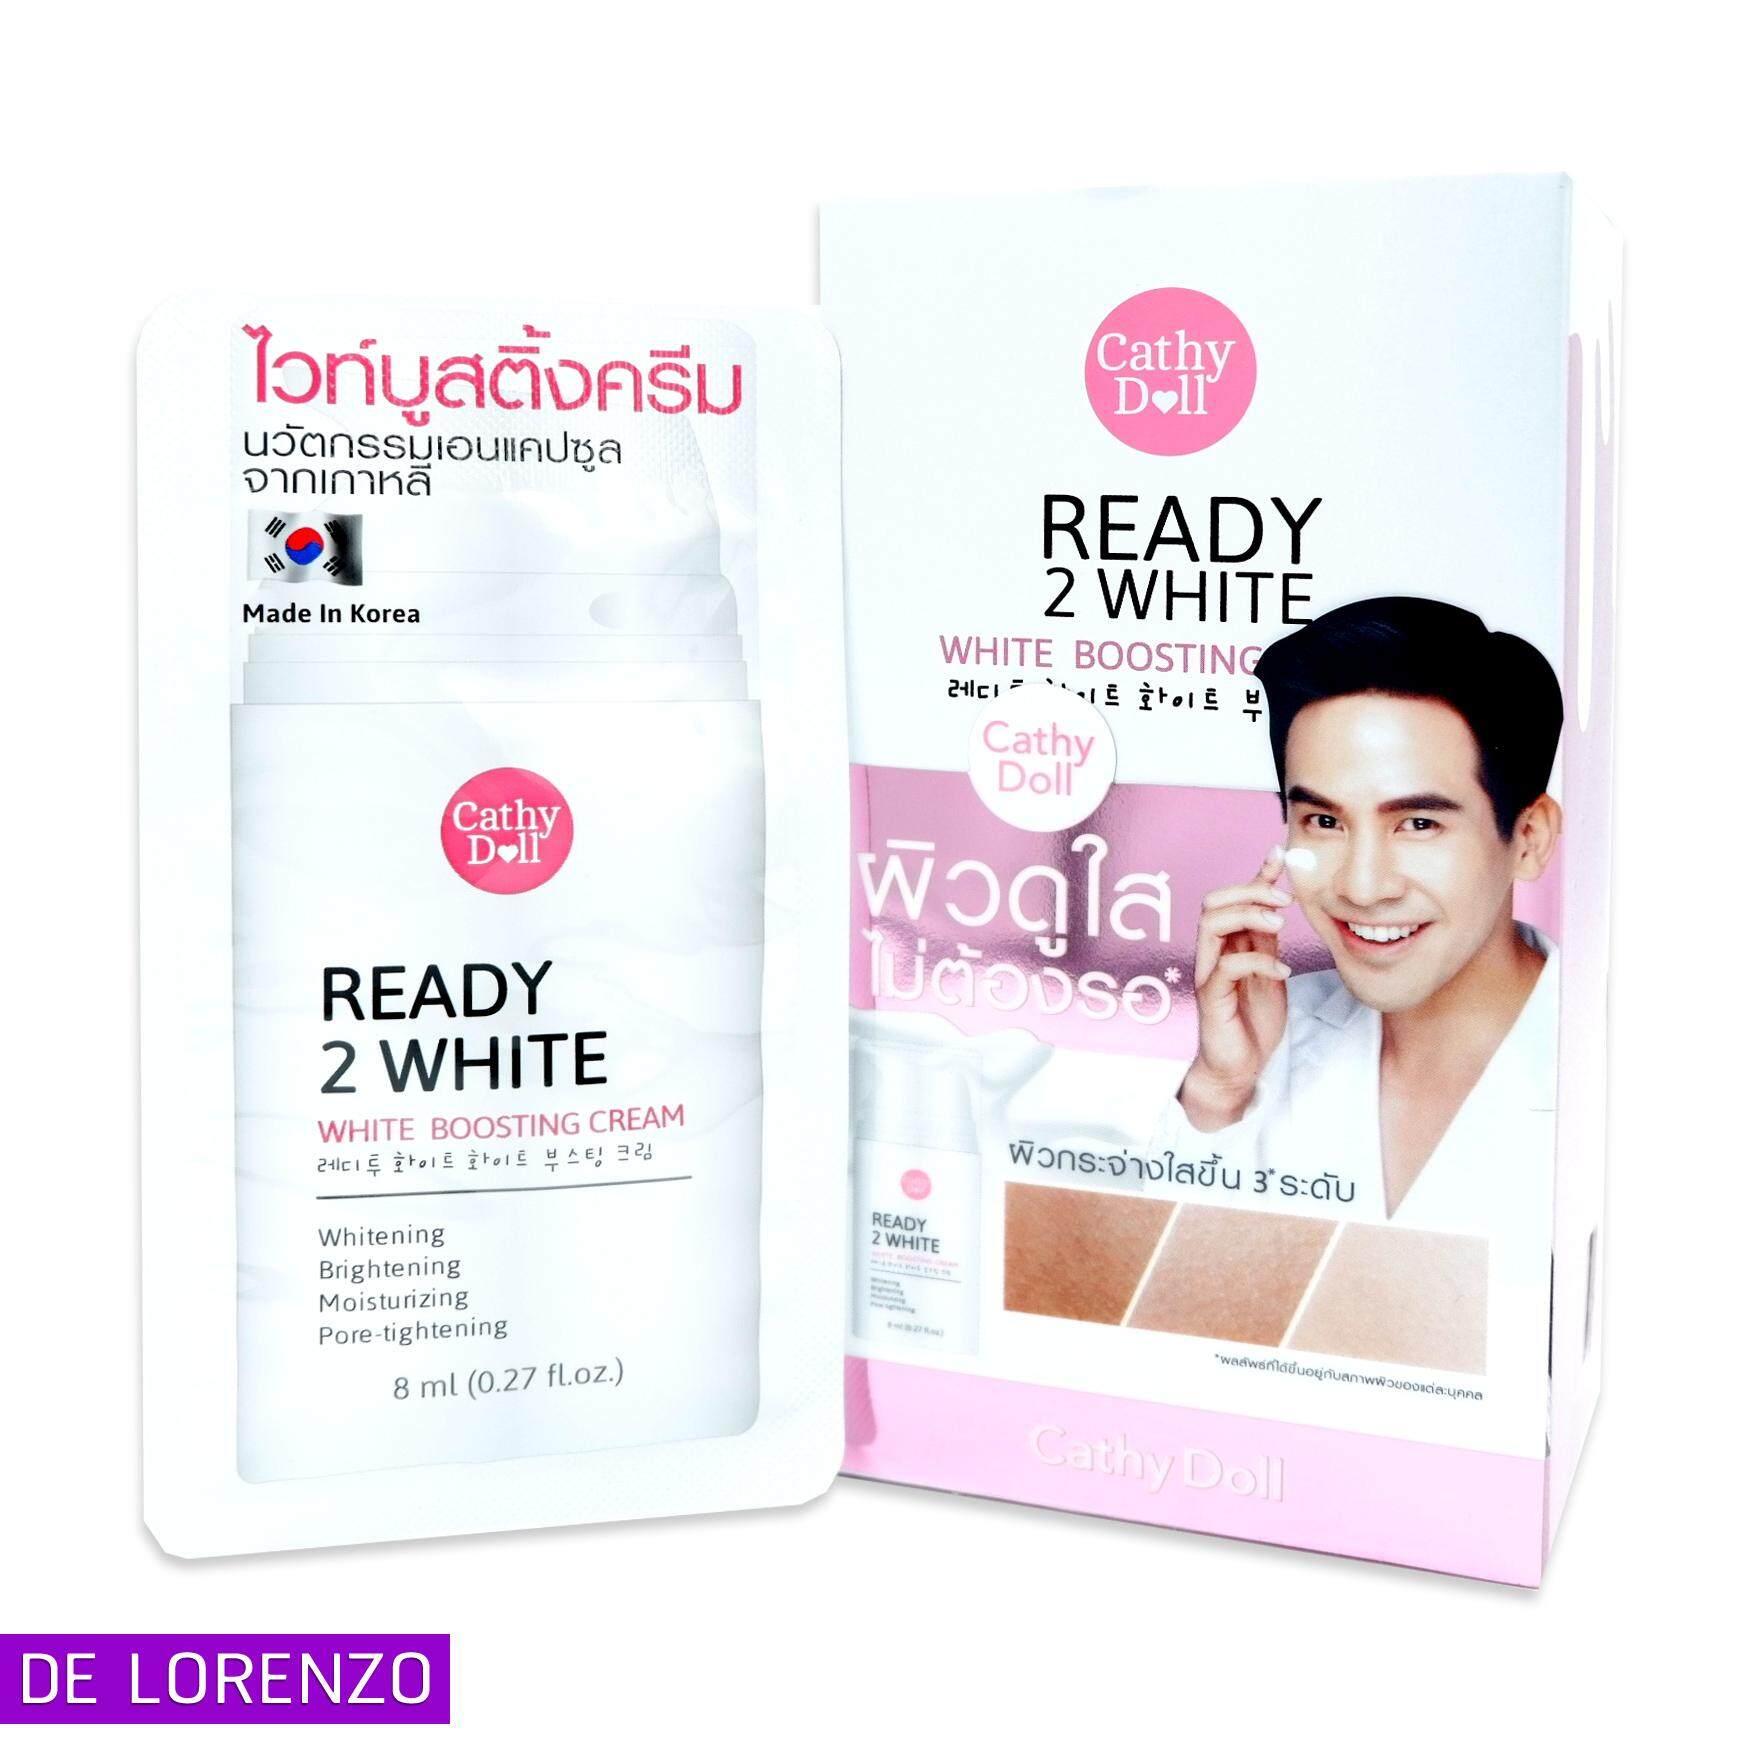 ใครเคยใช้ Karmart Cathy Doll Ready 2 White Boosting Cream 8ml (แบบซอง) เคที่ดอลล์ บูสติ้งครีม แบบซอง ครีมหน้าขาว เรดี้ทูไวท์ ไวท์บูสติ้งครีม ขายดีที่สุด